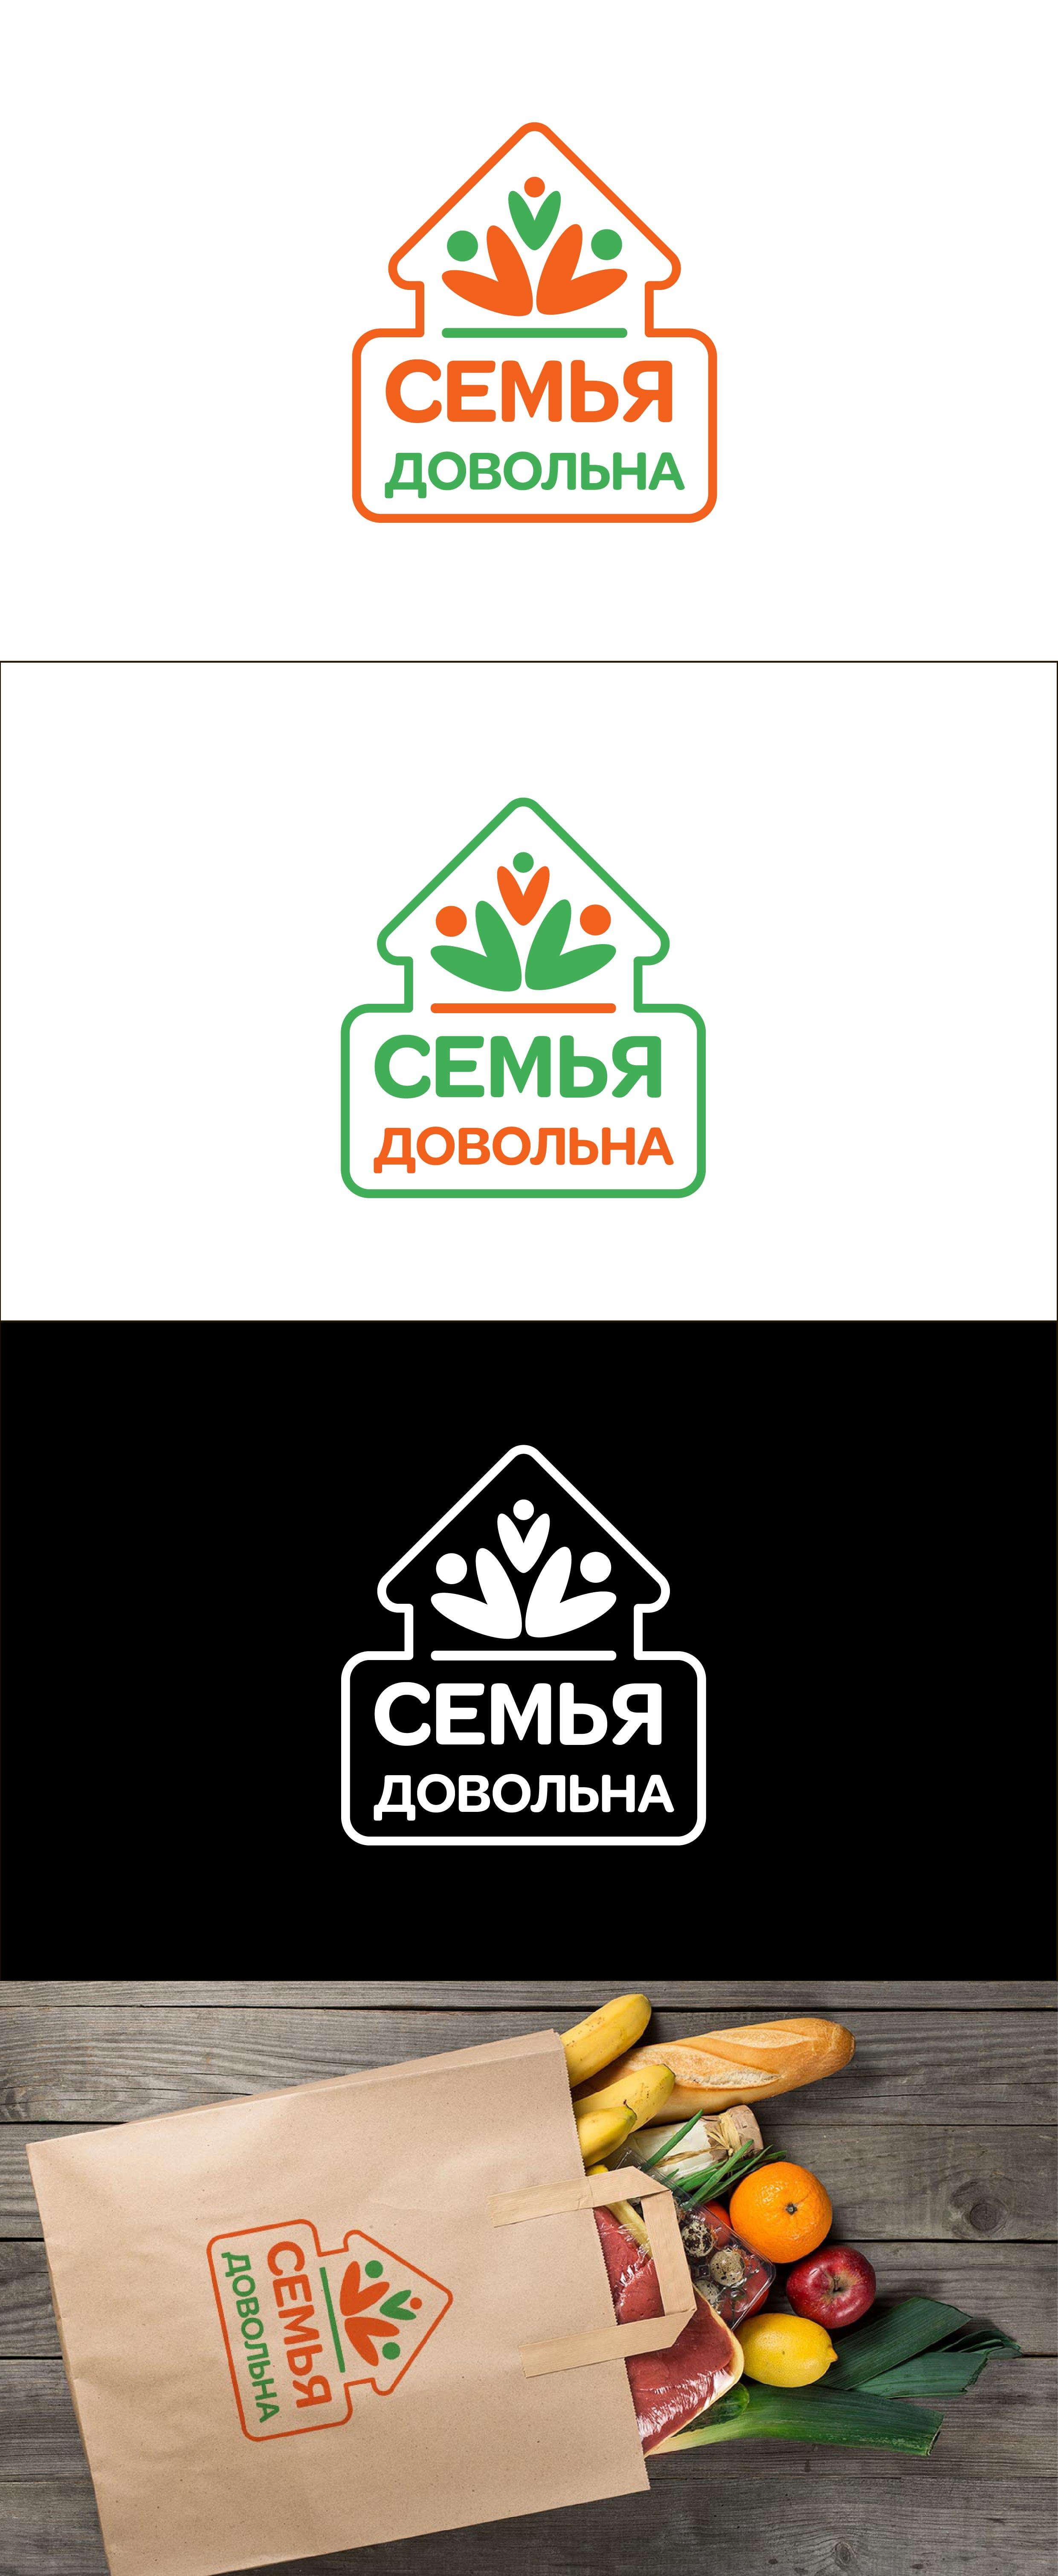 """Разработайте логотип для торговой марки """"Семья довольна"""" фото f_7135b9a88ac30ace.jpg"""